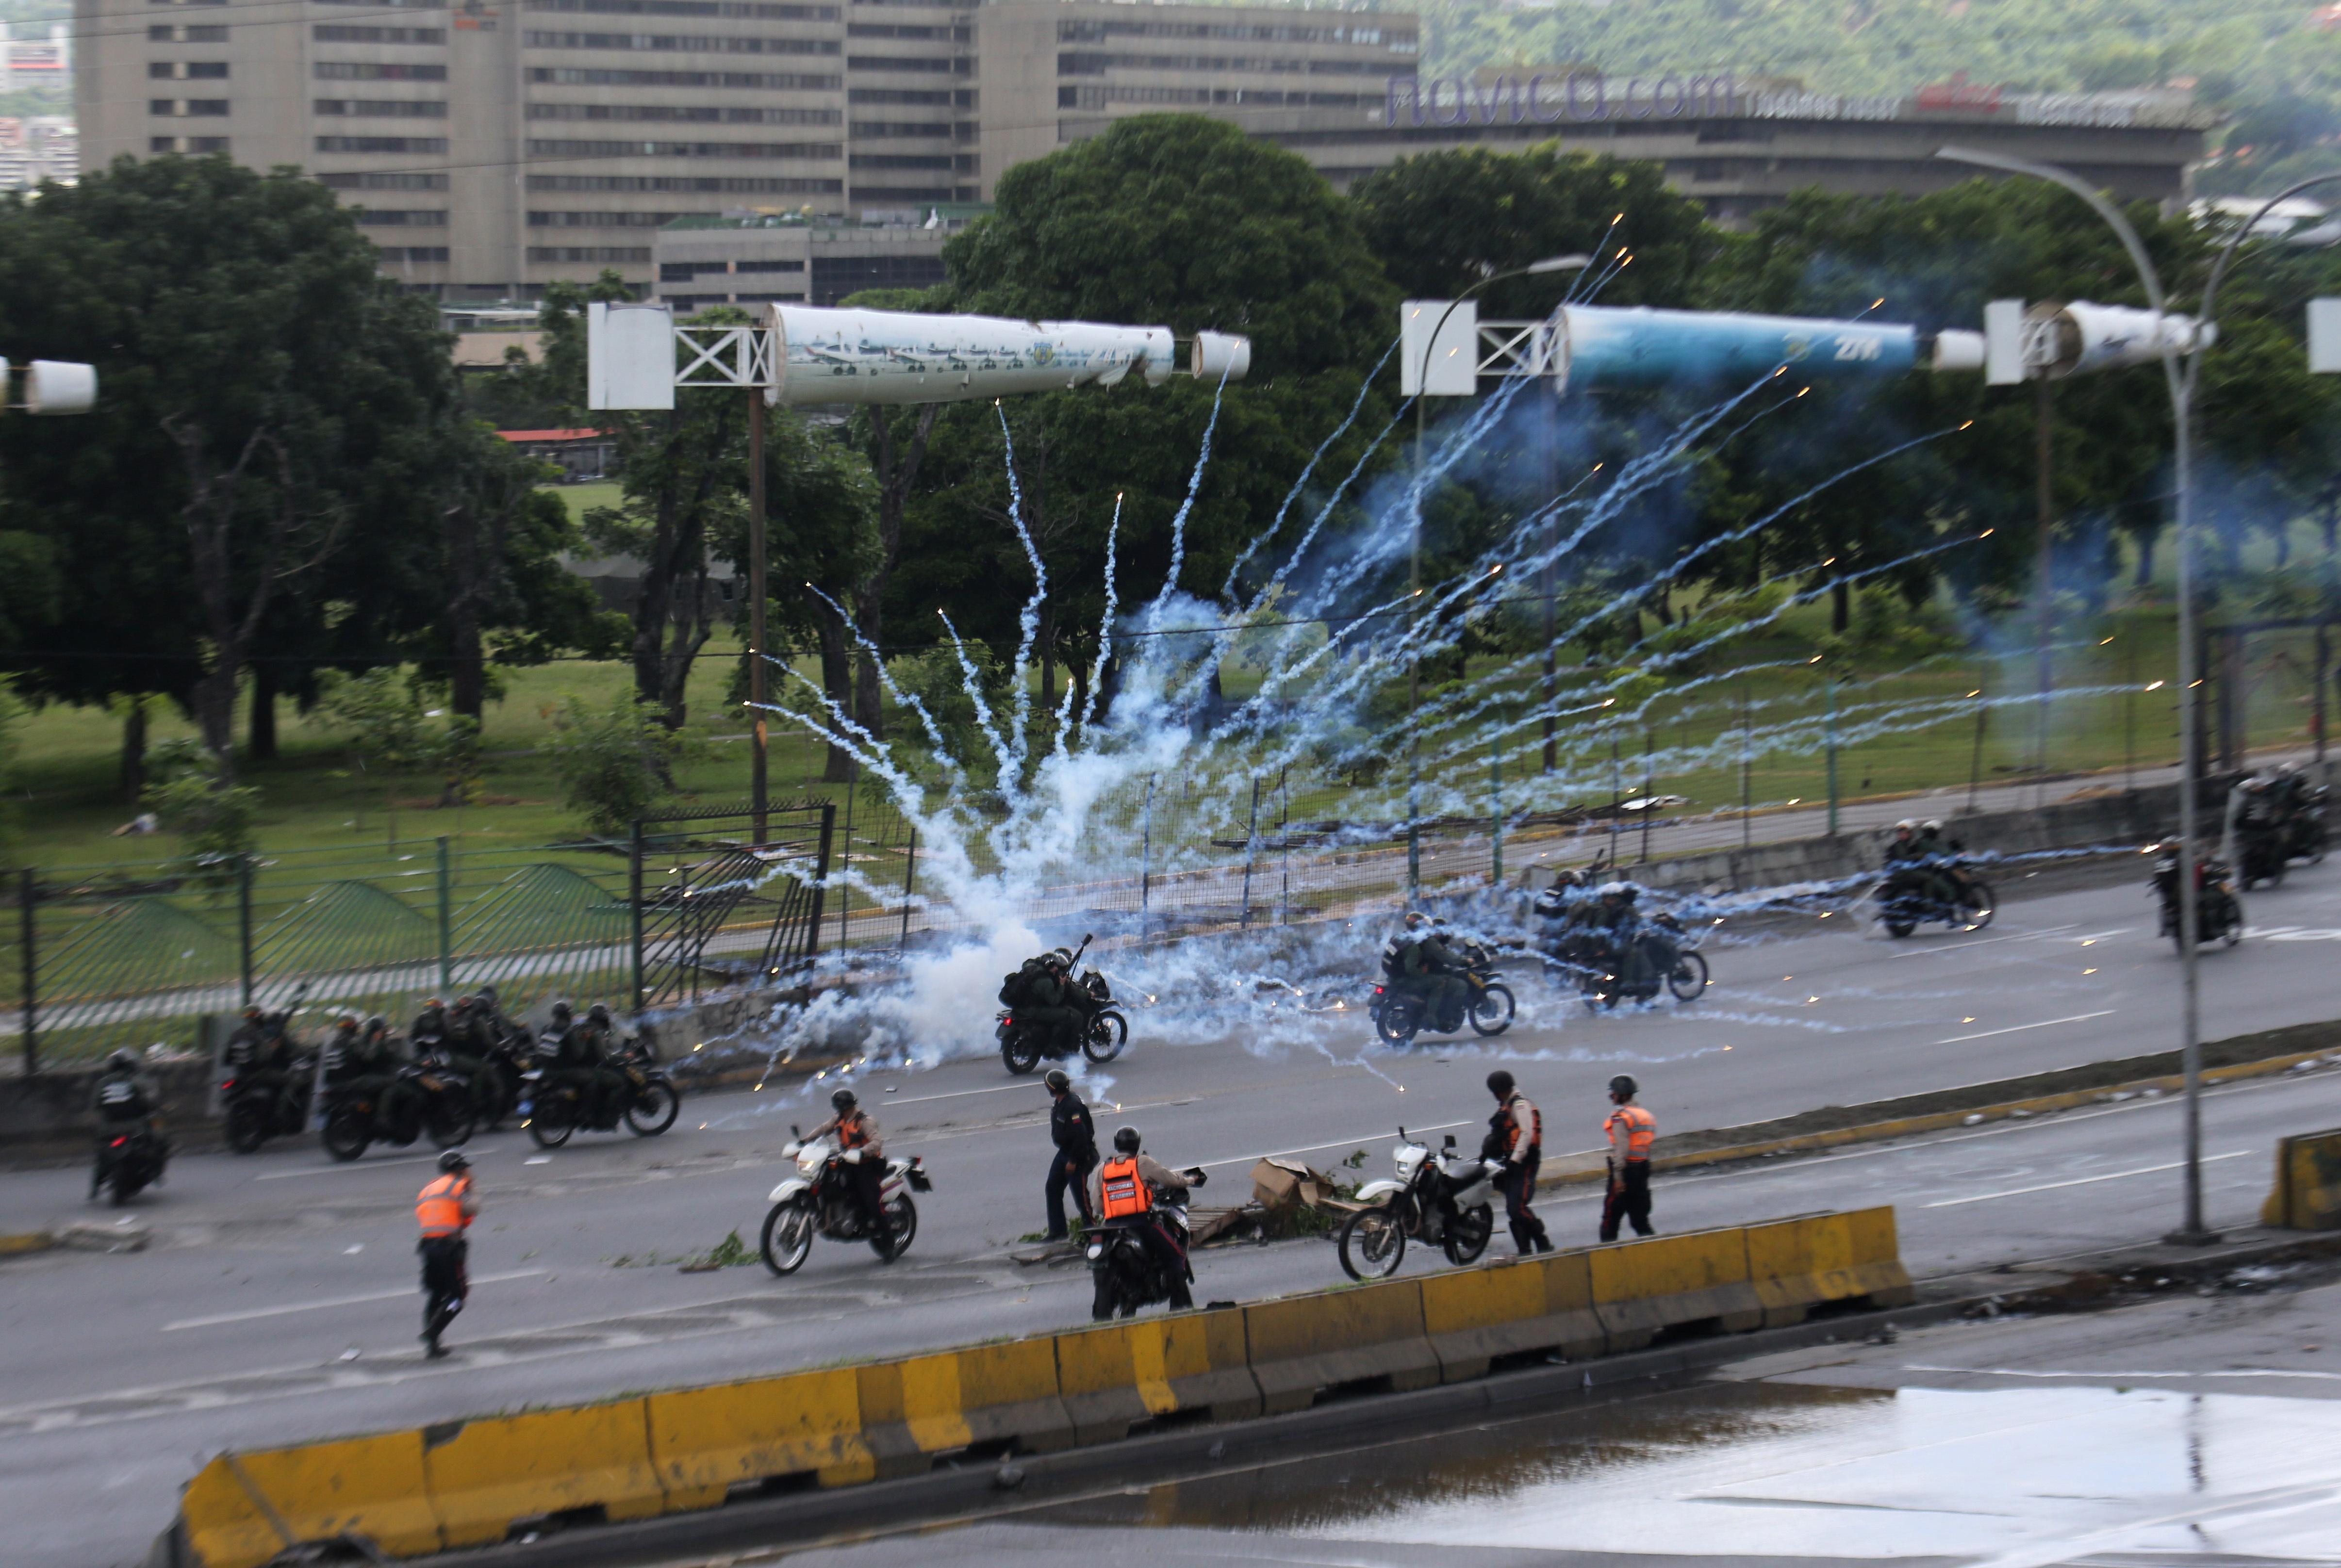 Un grupo de manifestantes suele responder a la represión lanzando fuegos artificiales a los oficiales